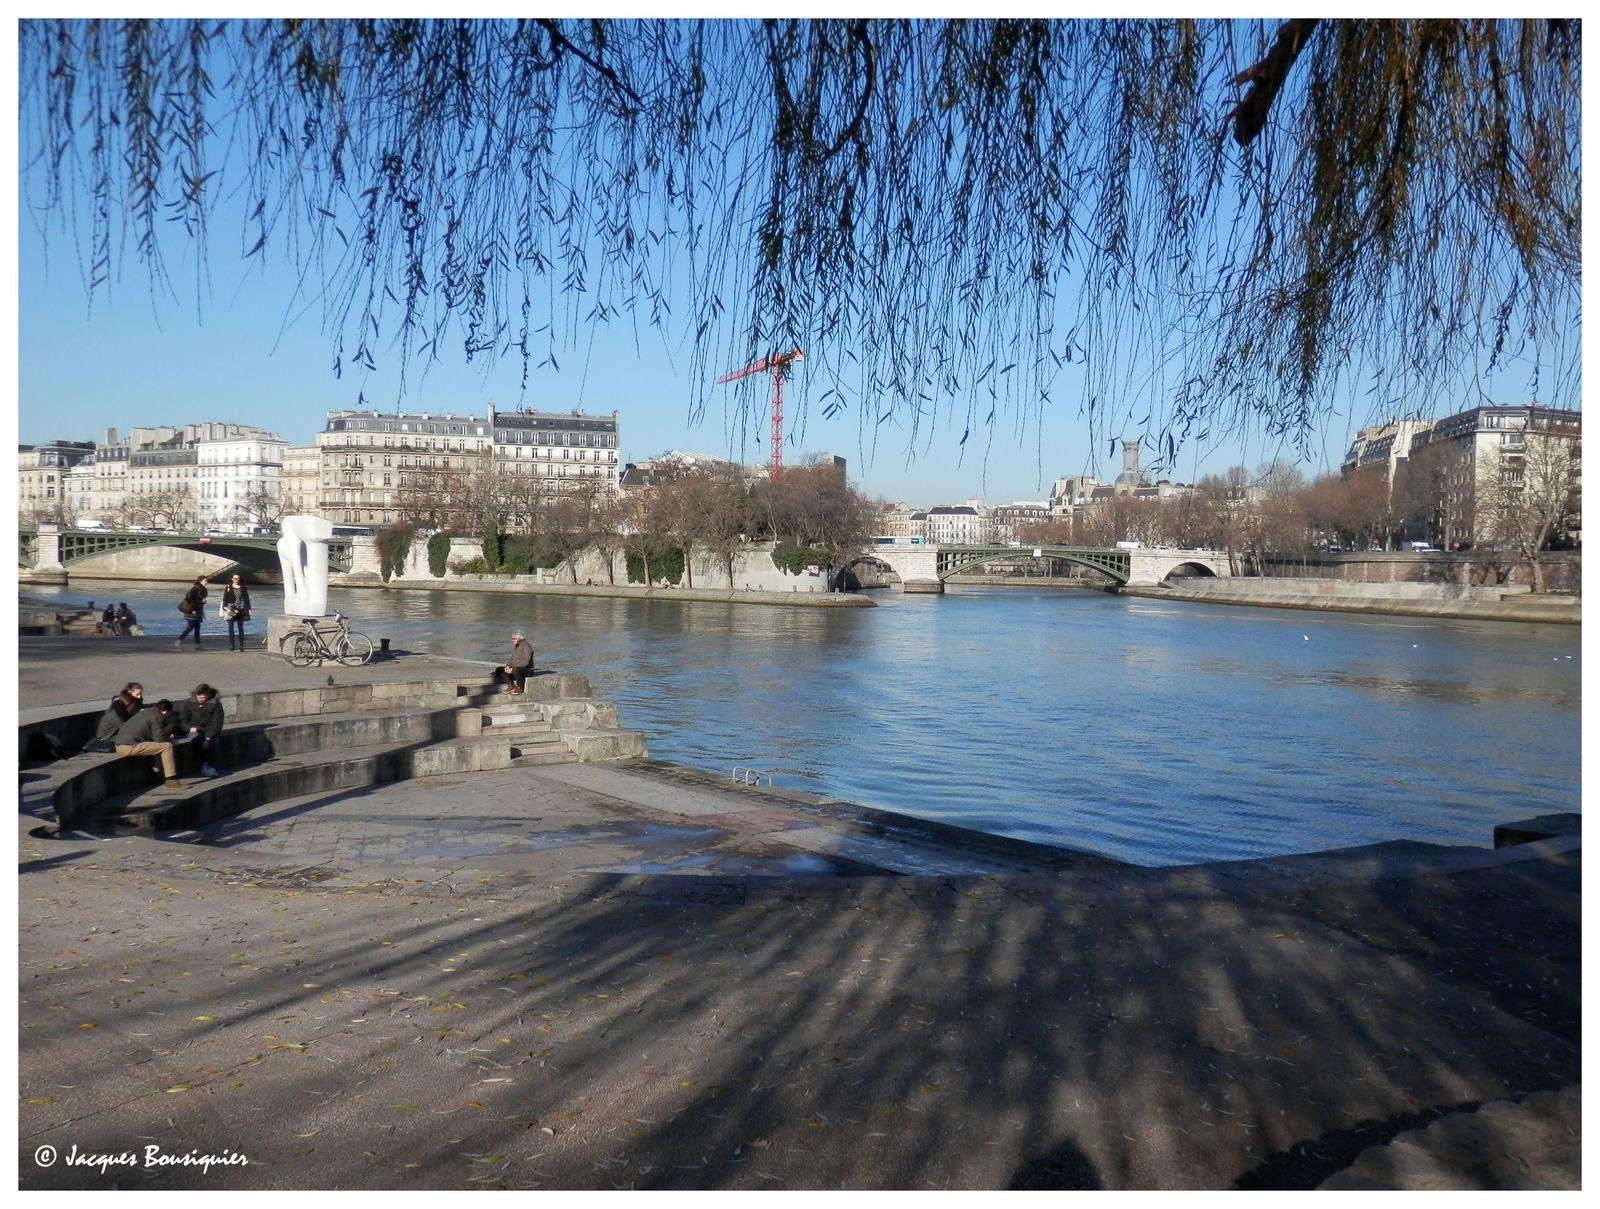 Balade à Paris un jour d'hiver